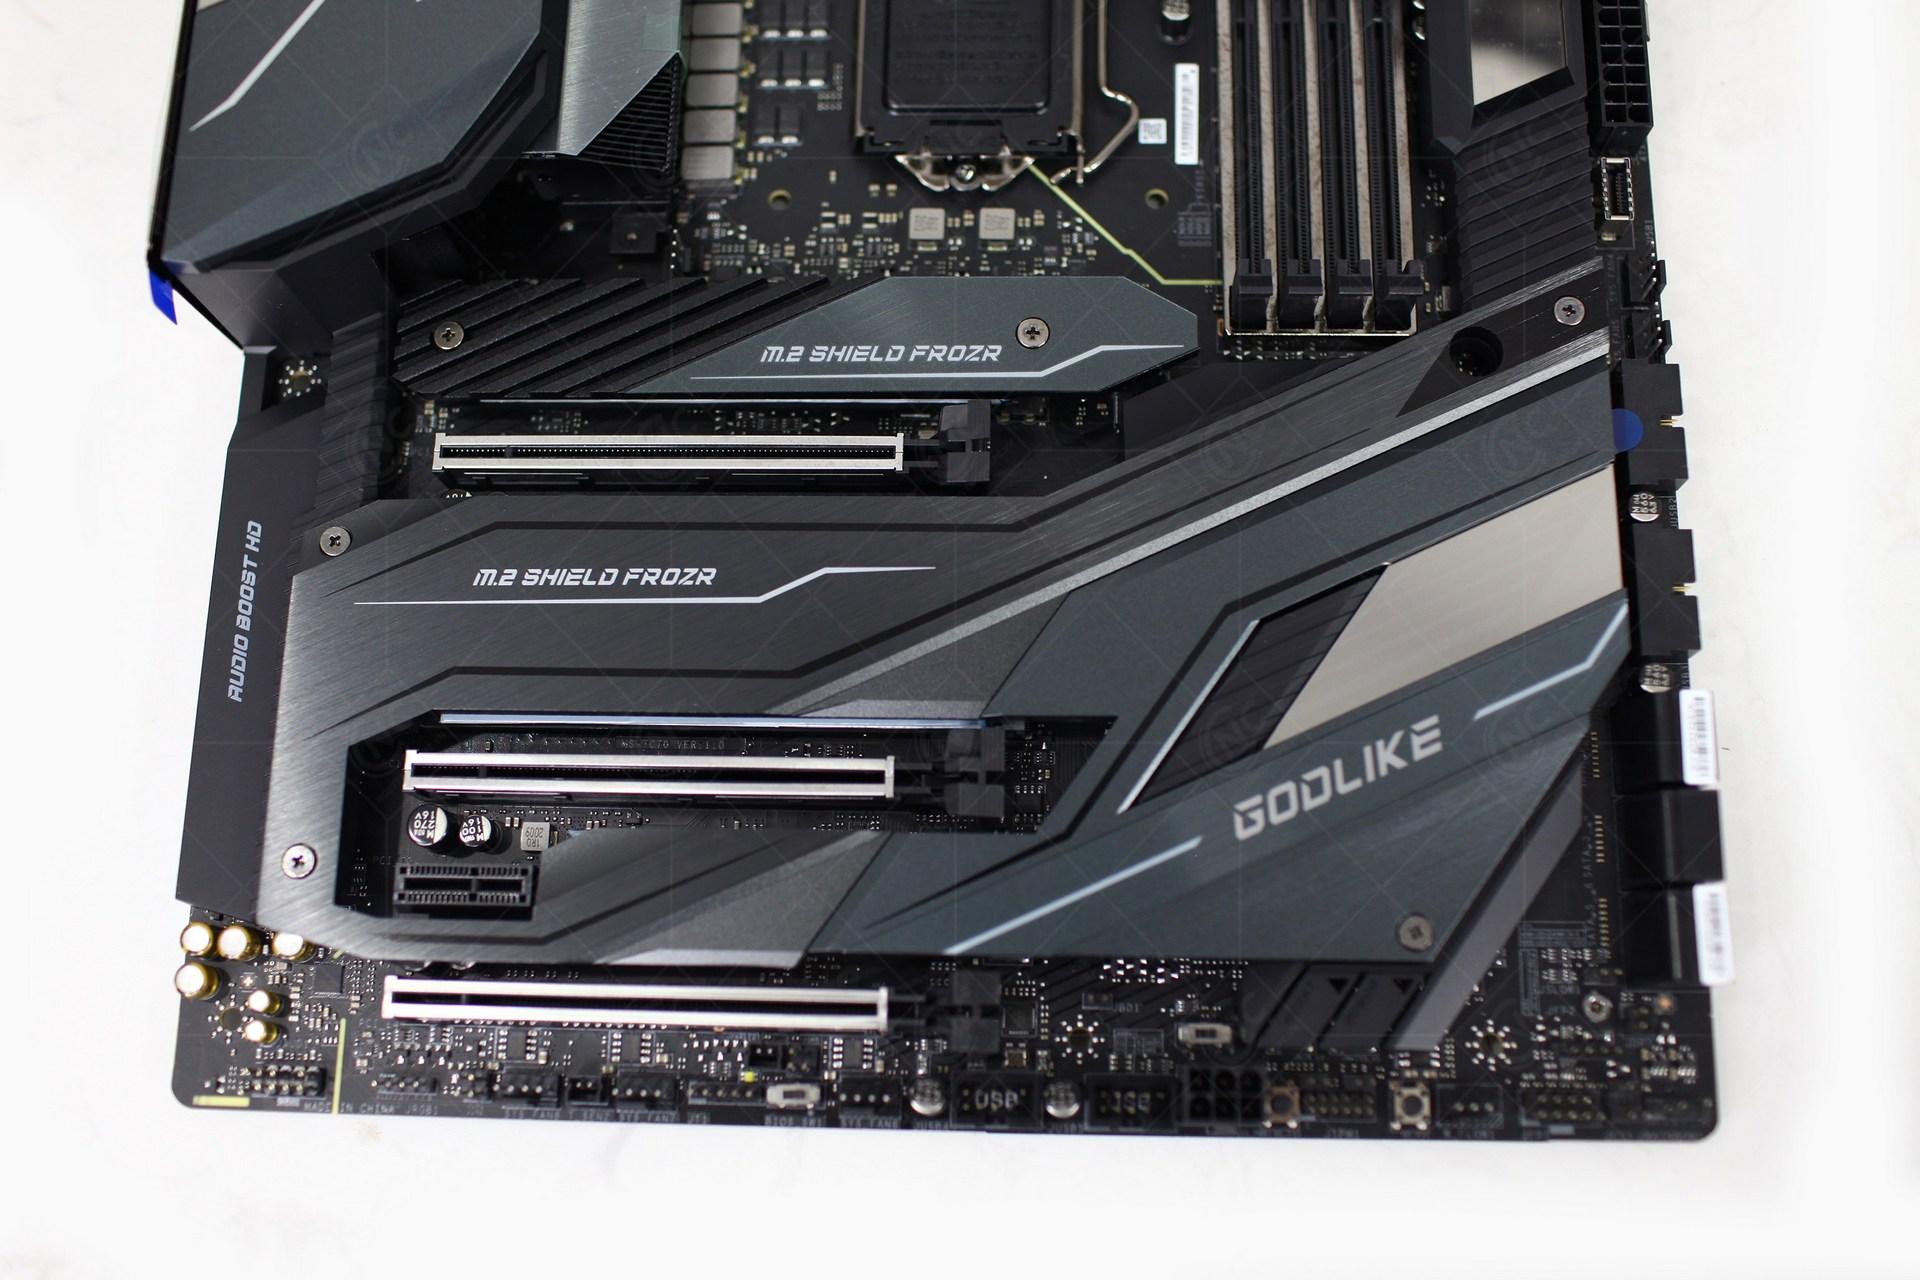 Giải pháp làm mát cho SSD NVMe - M.2 Shield Frozr